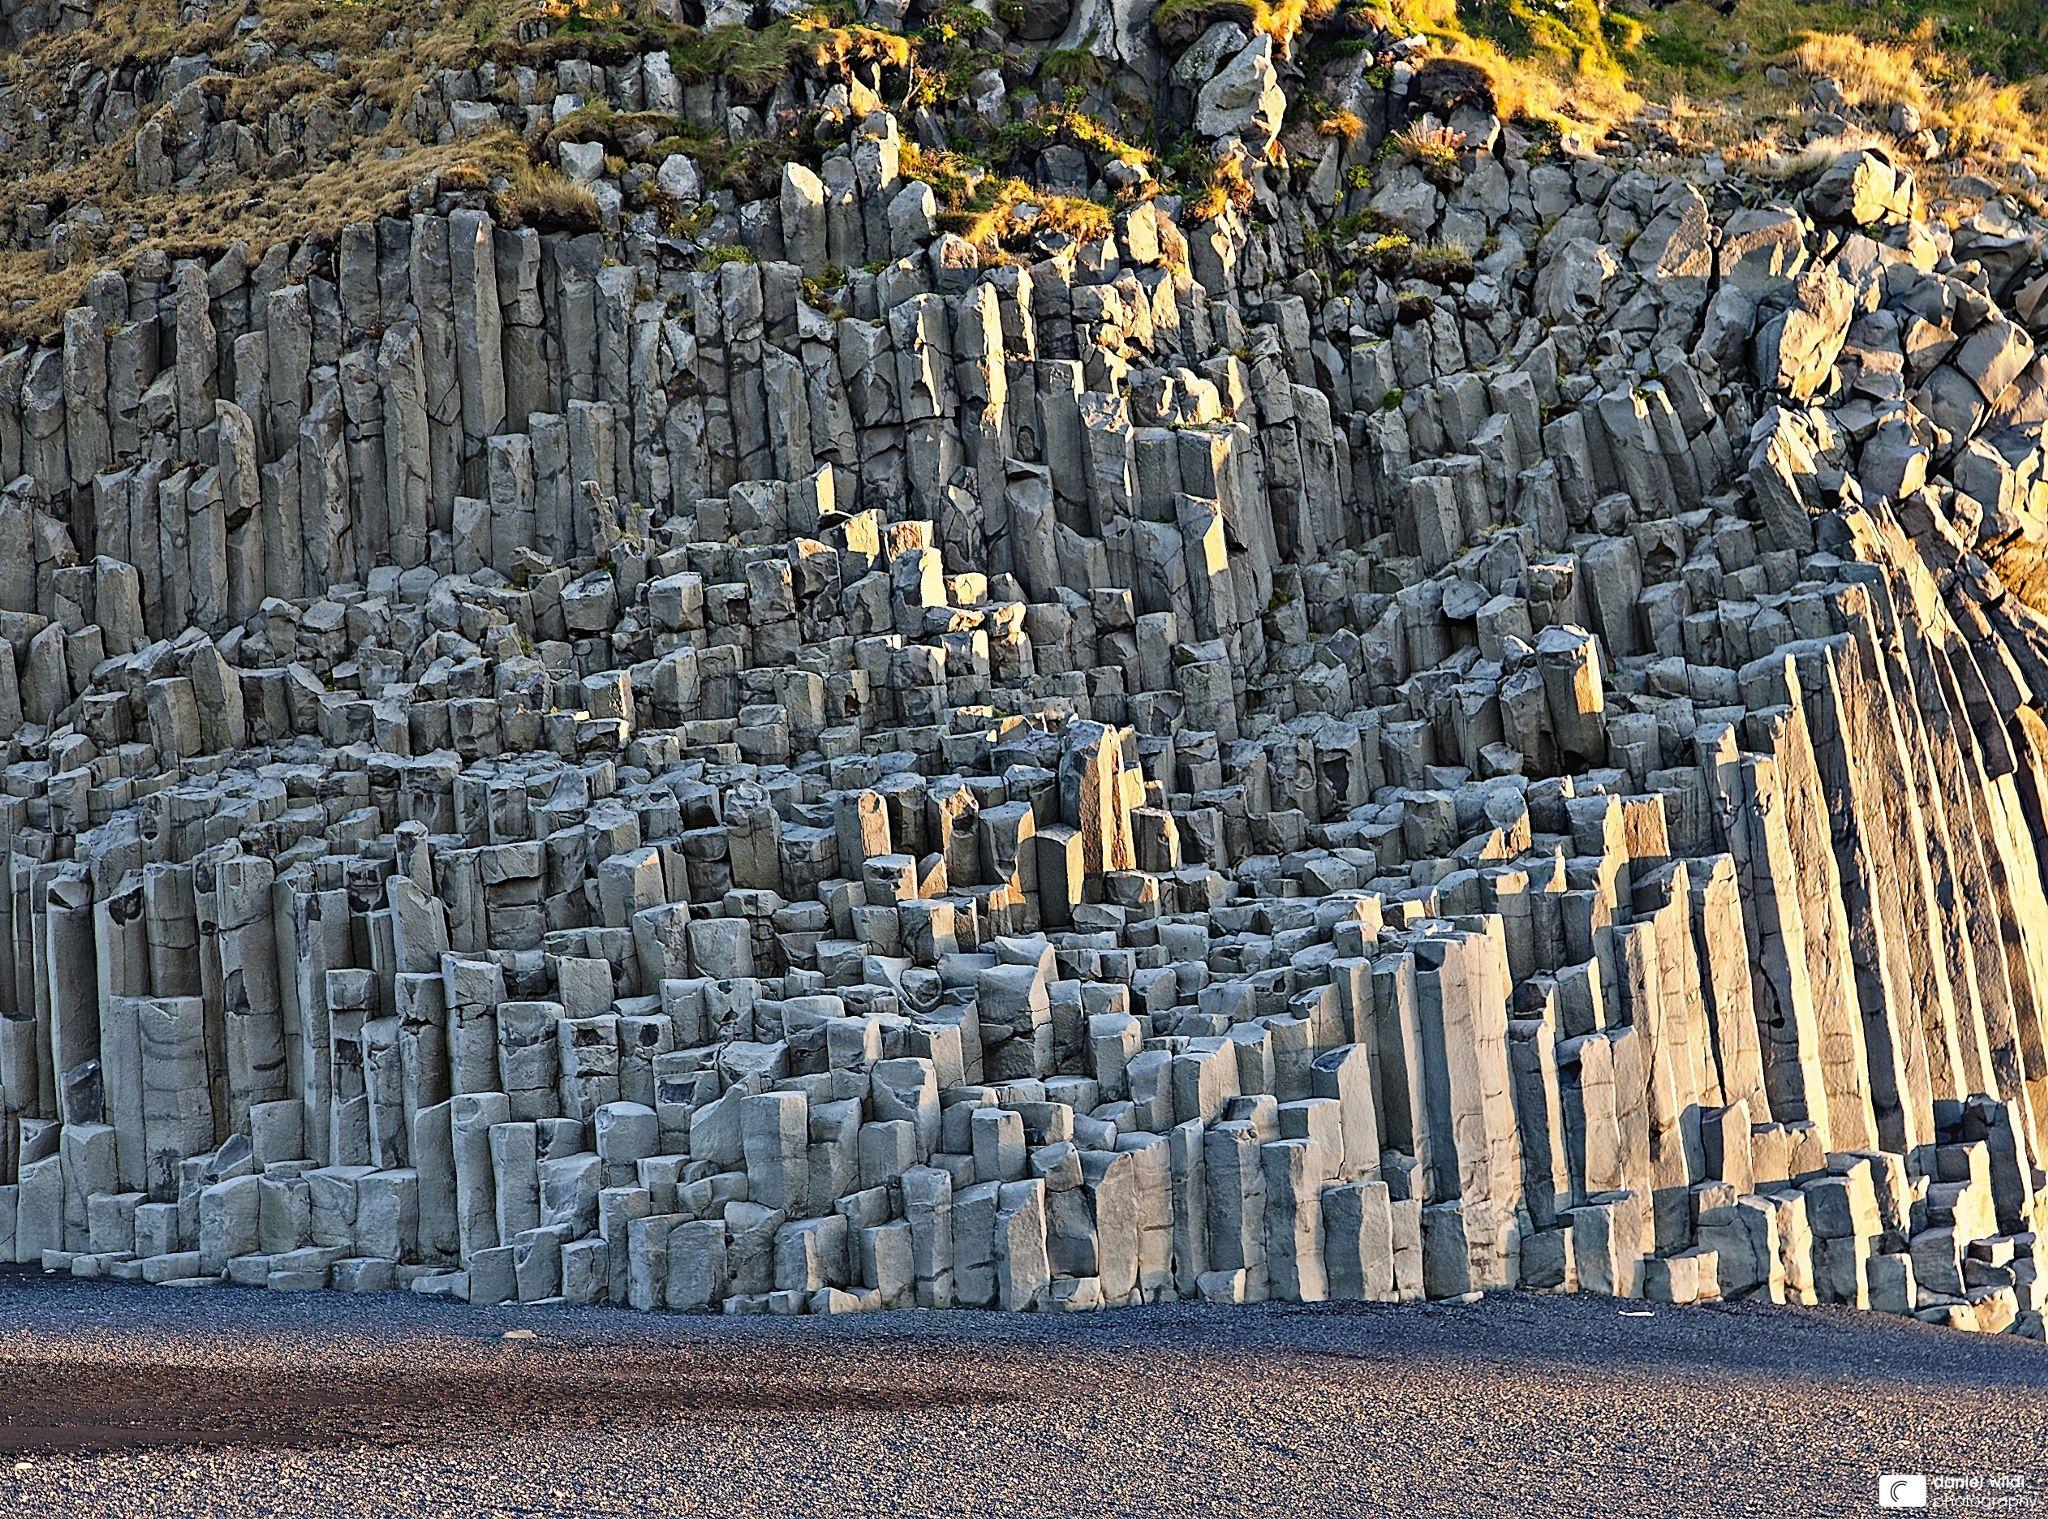 Description Of Basalt : Basalt columns at the beach of vík í mýrdal